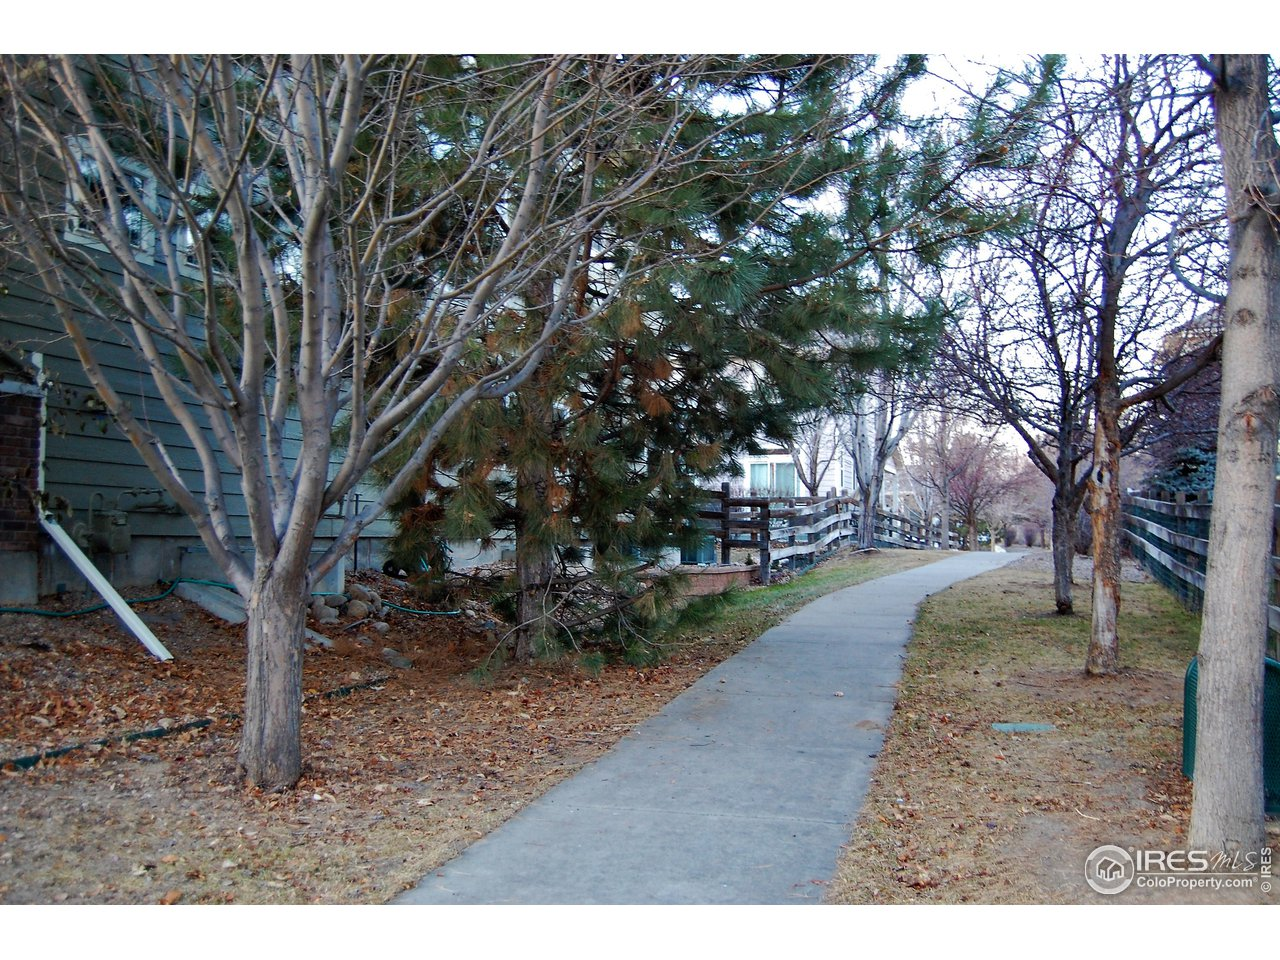 Boarders Neighborhood Bike Path